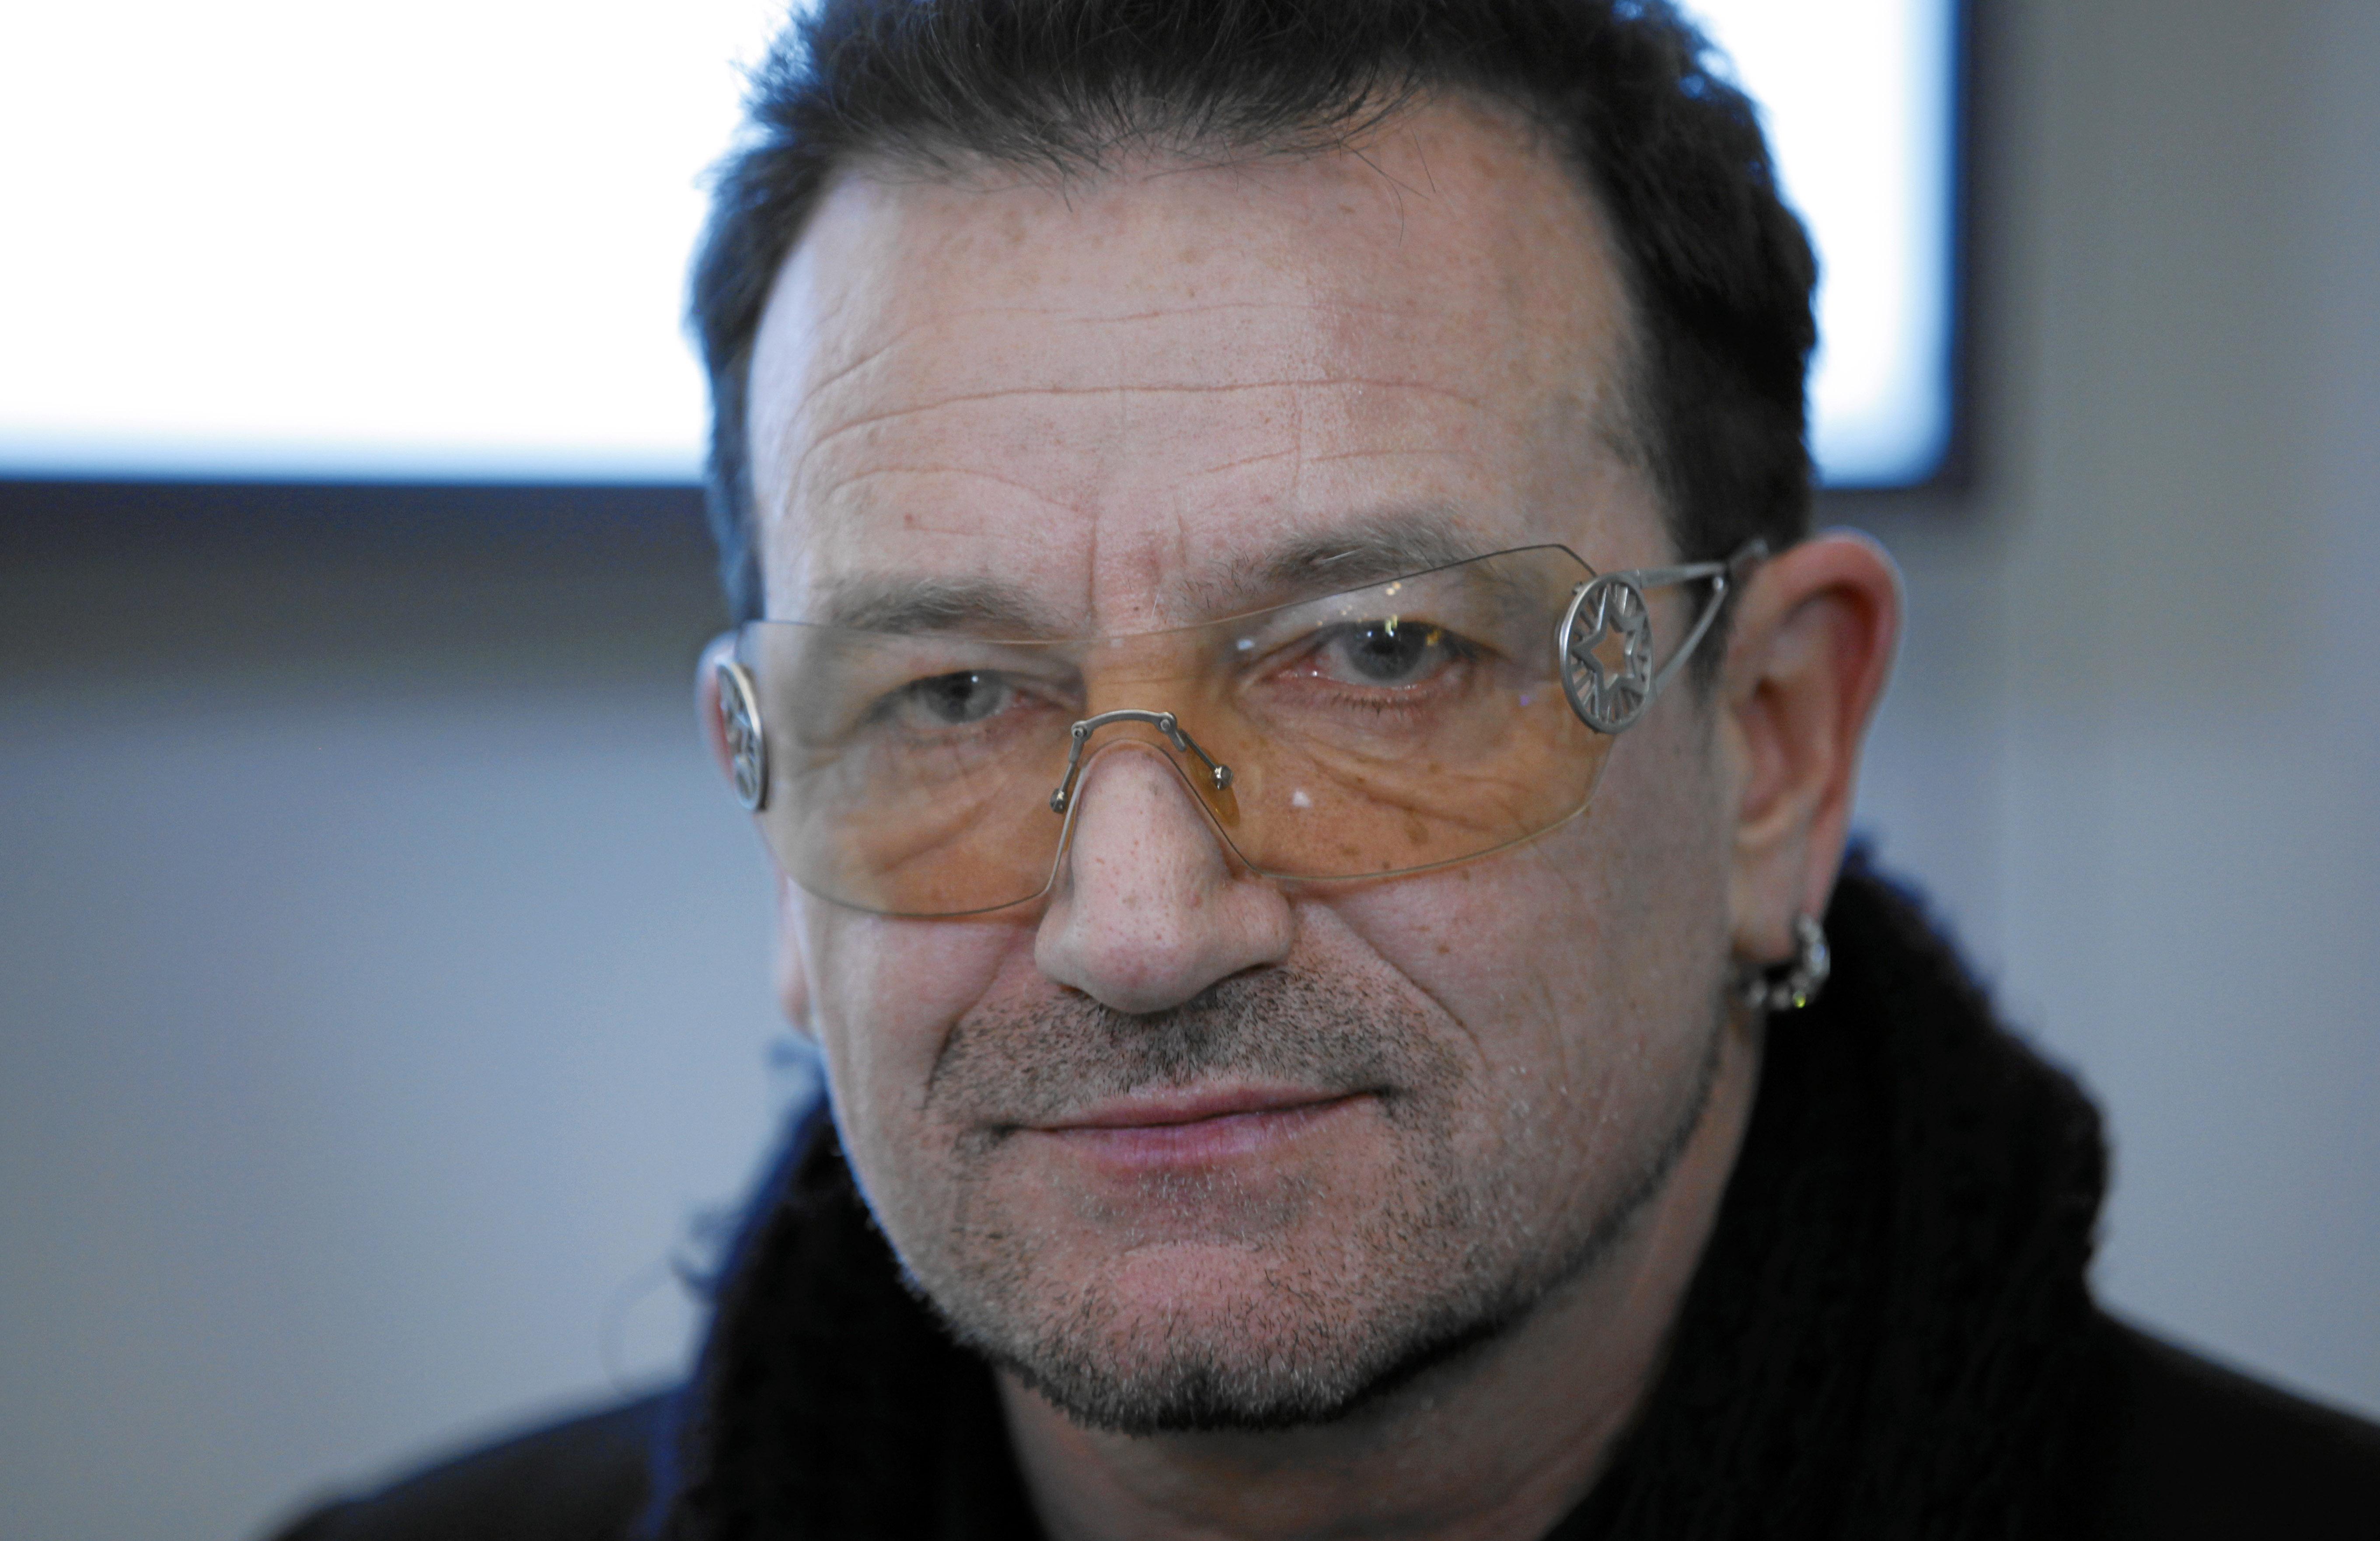 Bono-vox-homem-de-50-anos